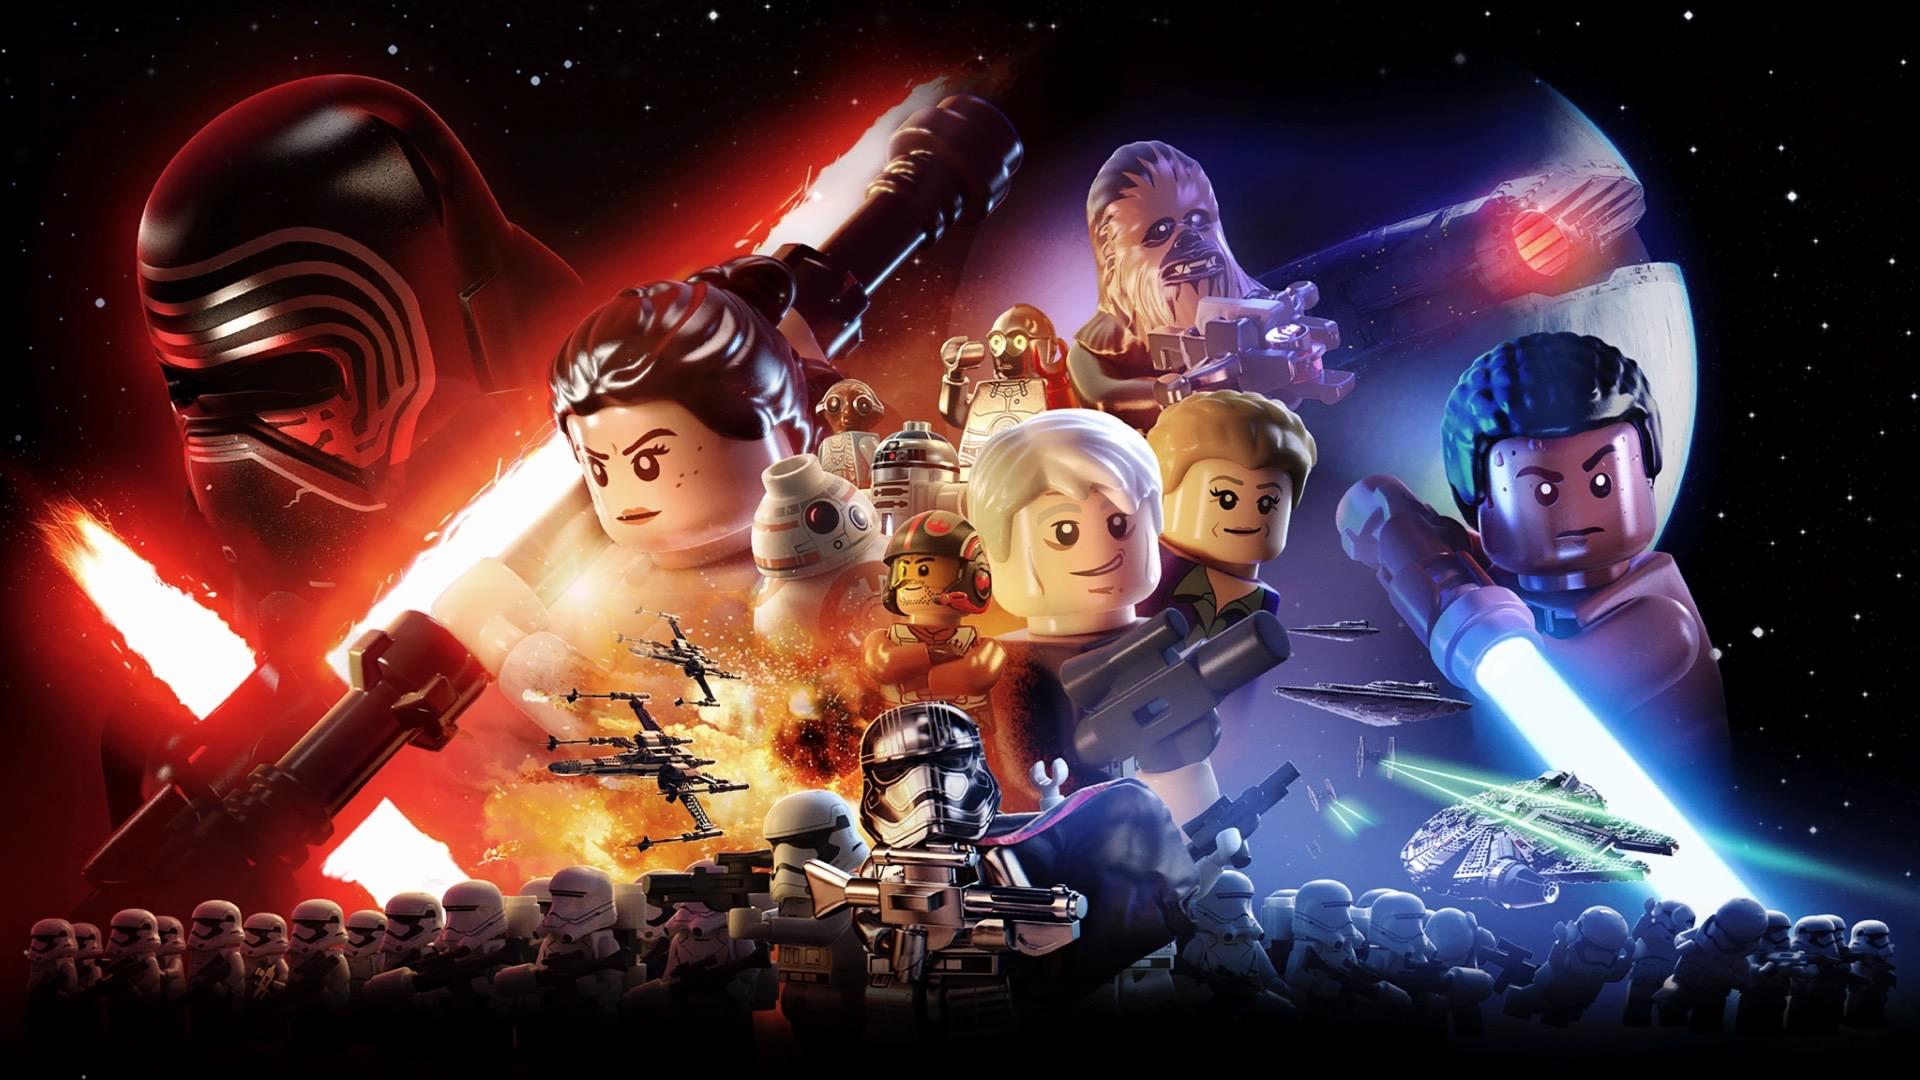 Moc jest silna w LEGO Star Wars: The Force Awakens, ale nie zawsze wykorzystana w dobrej sprawie – recenzja Spider's Web